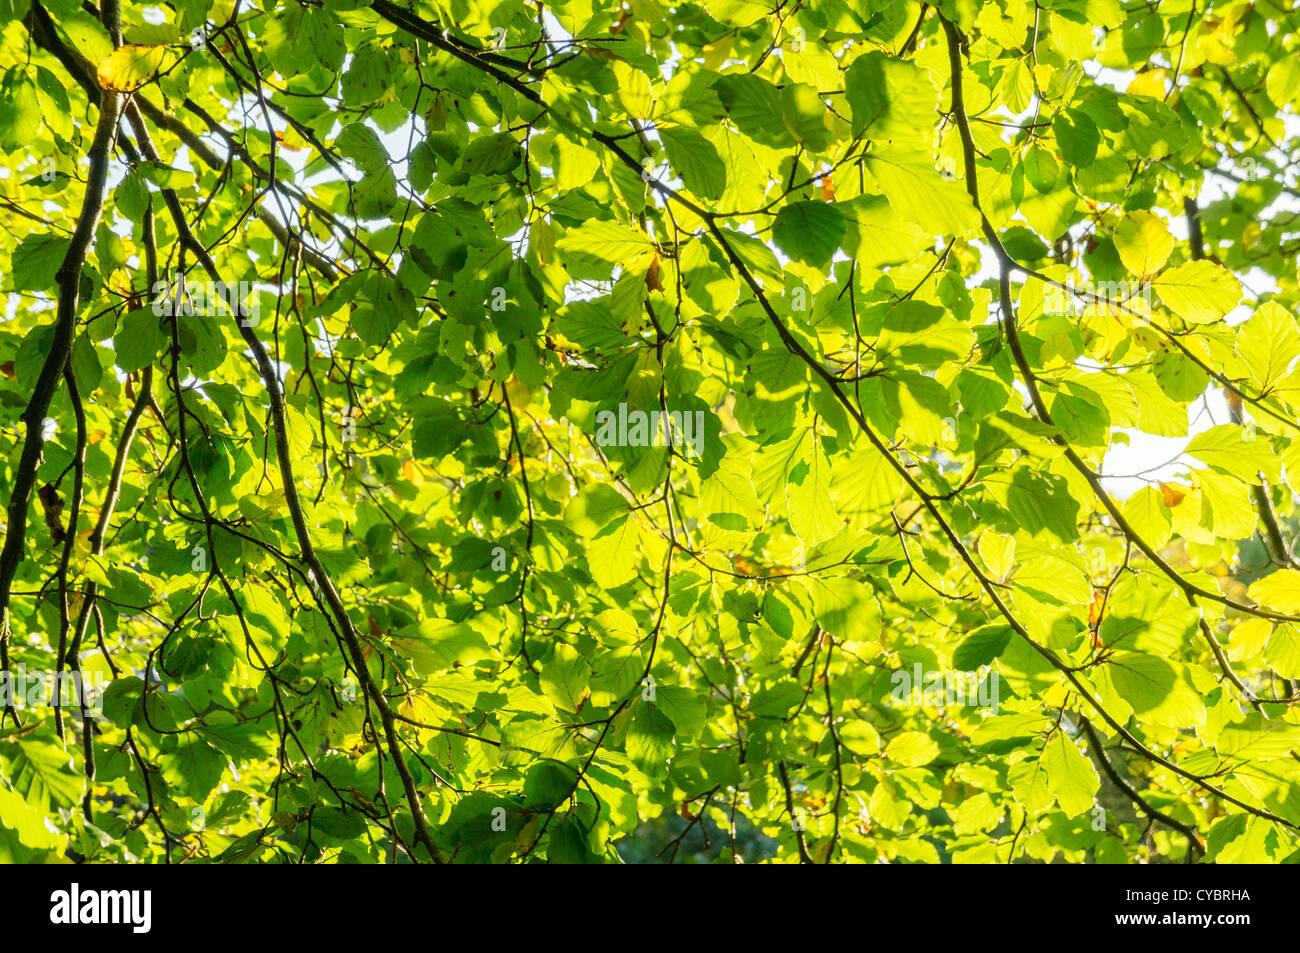 La lumière du soleil qui brillait à travers les feuilles sur un arbre arbres Photo Stock